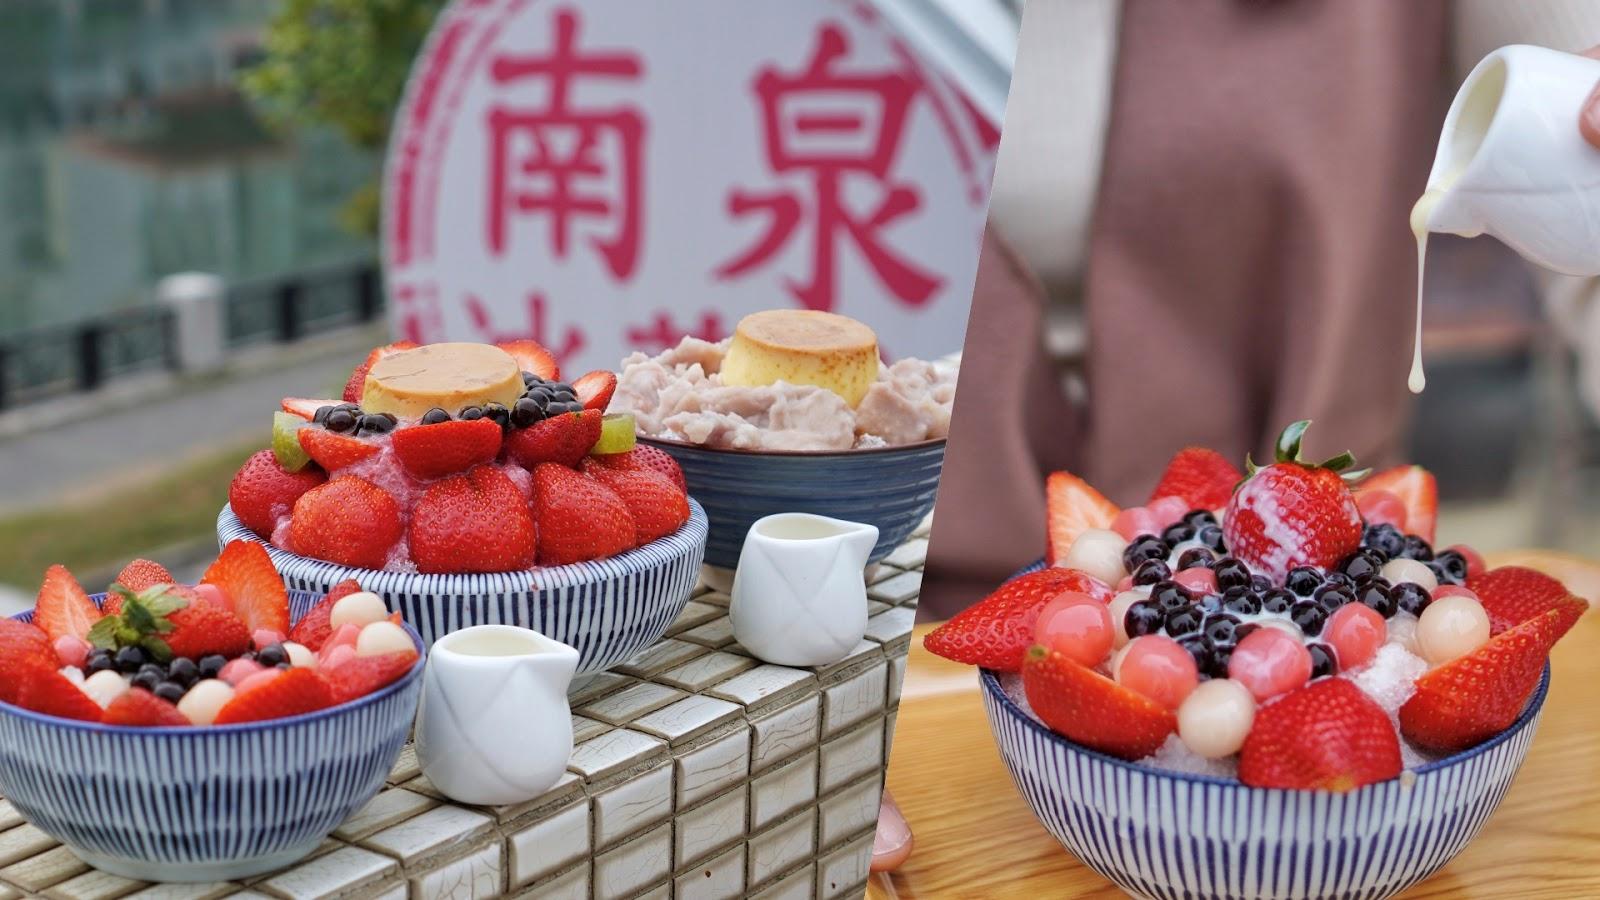 台南安平區美食【南泉冰菓室】冬季必吃~浮誇系網美草莓冰品推薦!